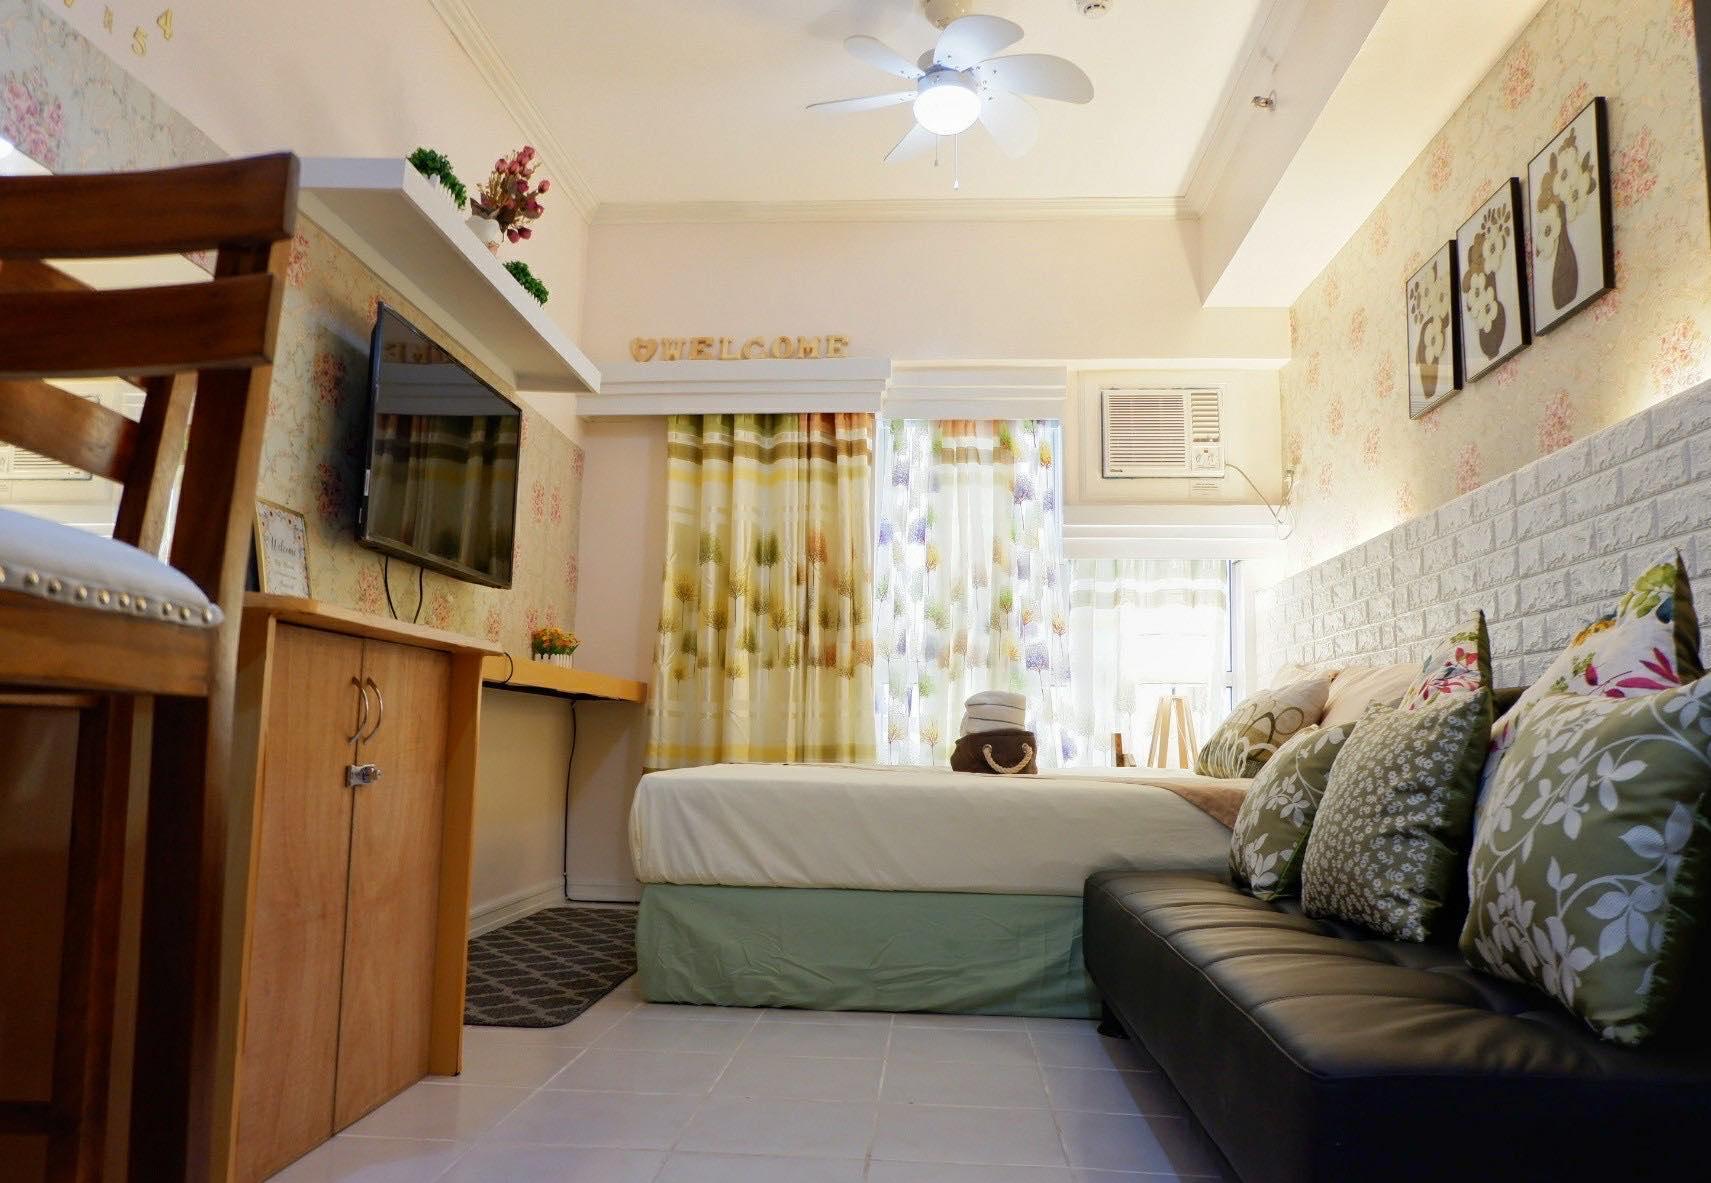 Staycation at Tagaytay